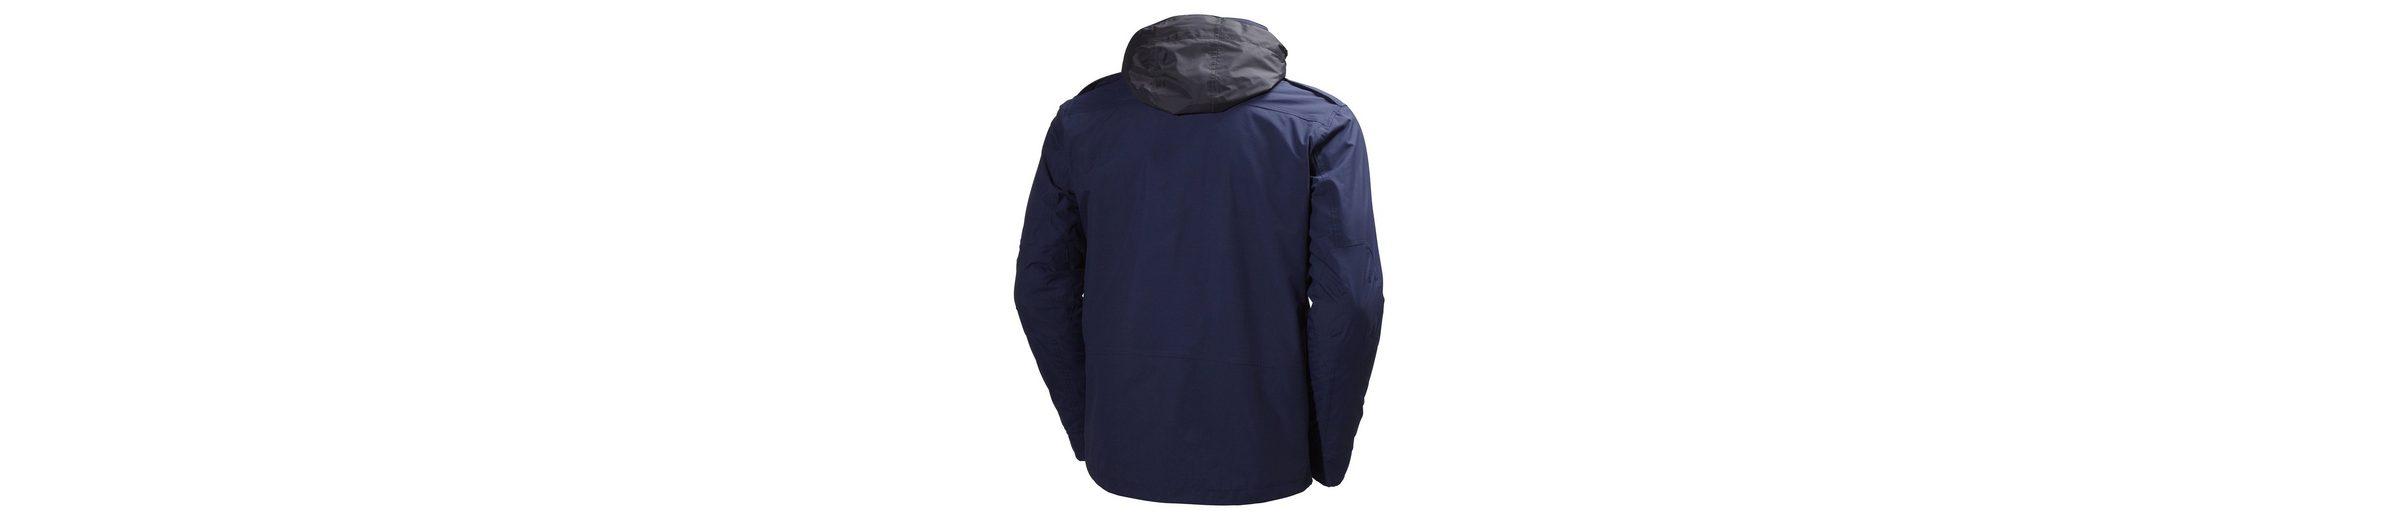 Helly Hansen Regenjacke Universal Moto Insulated Rainjacket Günstig Kaufen Sammlungen Kostengünstige Online Abstand Rabatt Discounter Standorten Sehr Billig Zu Verkaufen YjUj9POEIC